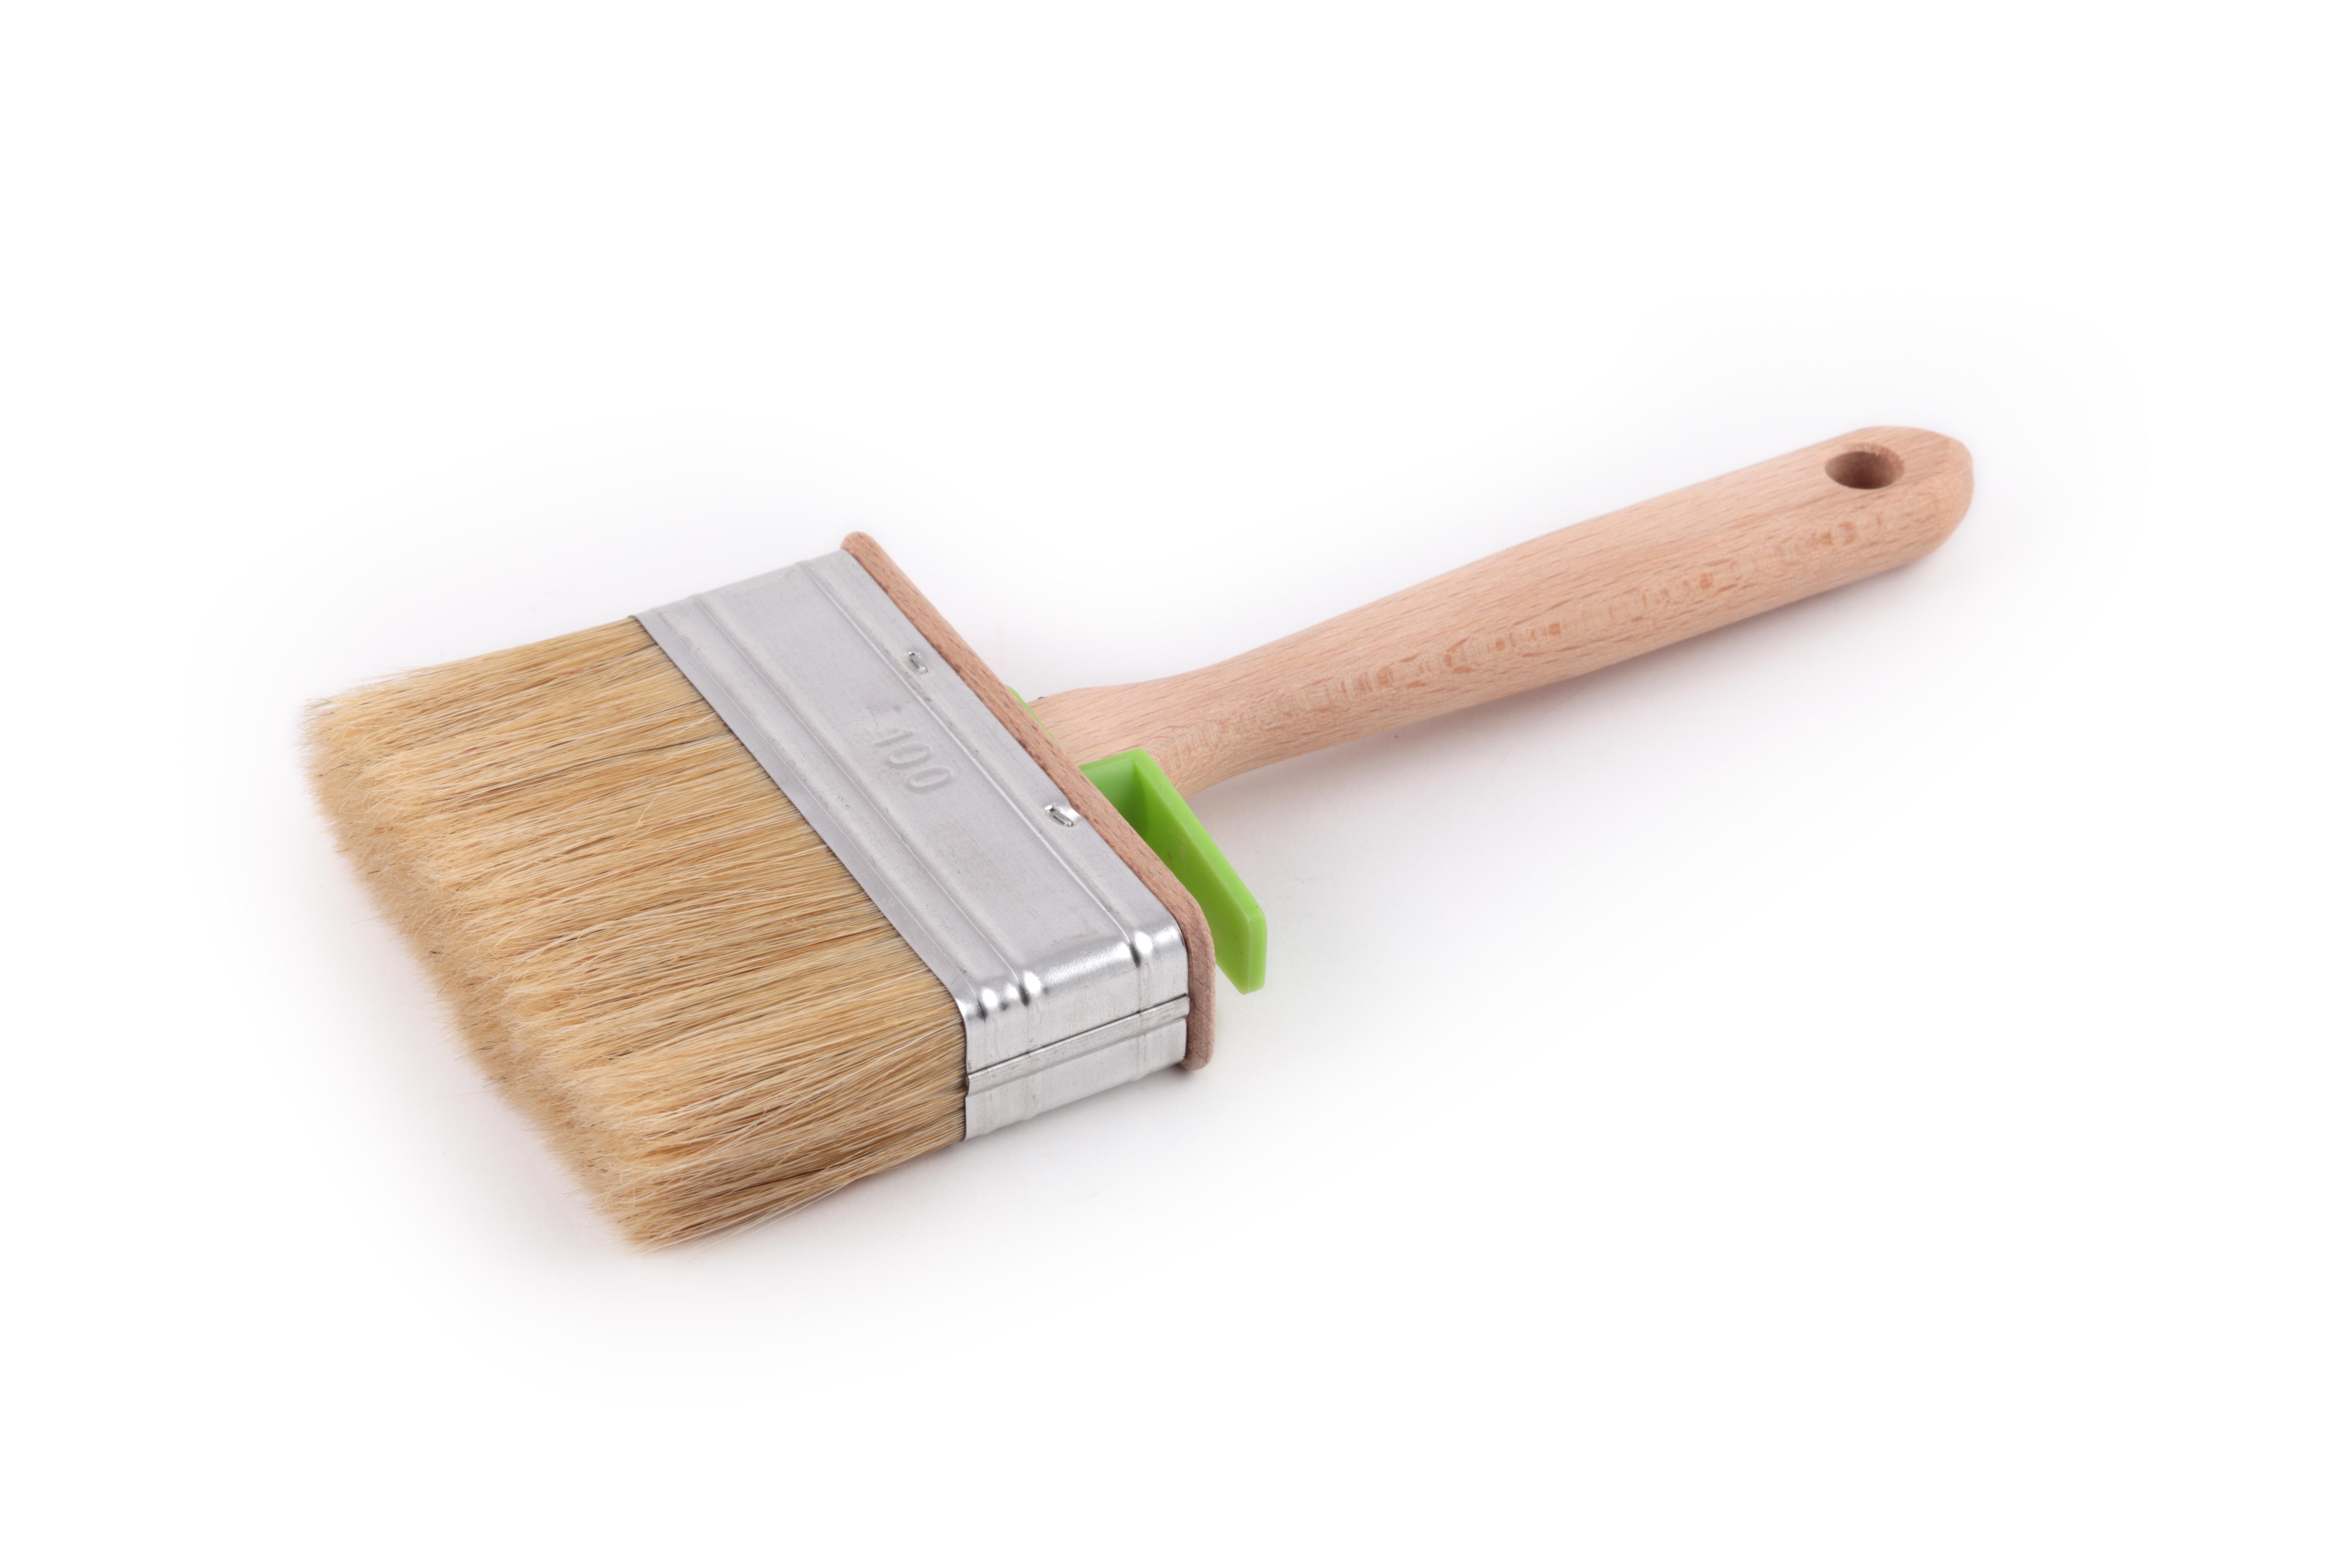 Кисть плоская ЛАЗУРНЫЙ БЕРЕГ 247120 кисть плоская 50 мм искусственная щетина orel деревянная ручка лазурный берег профи